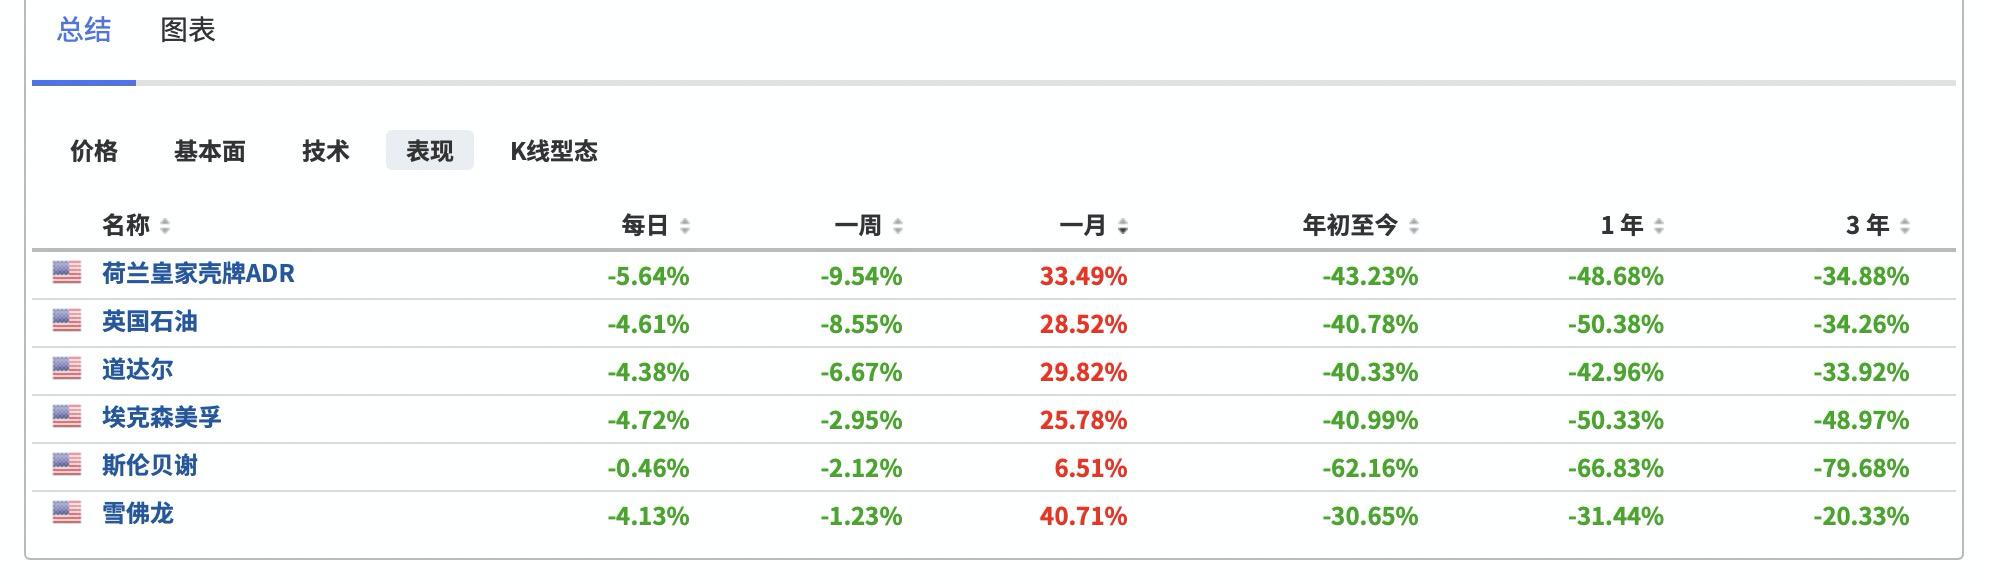 (部分大型油企股价表现情况,来自英为财情Investing.com投资组合工具)